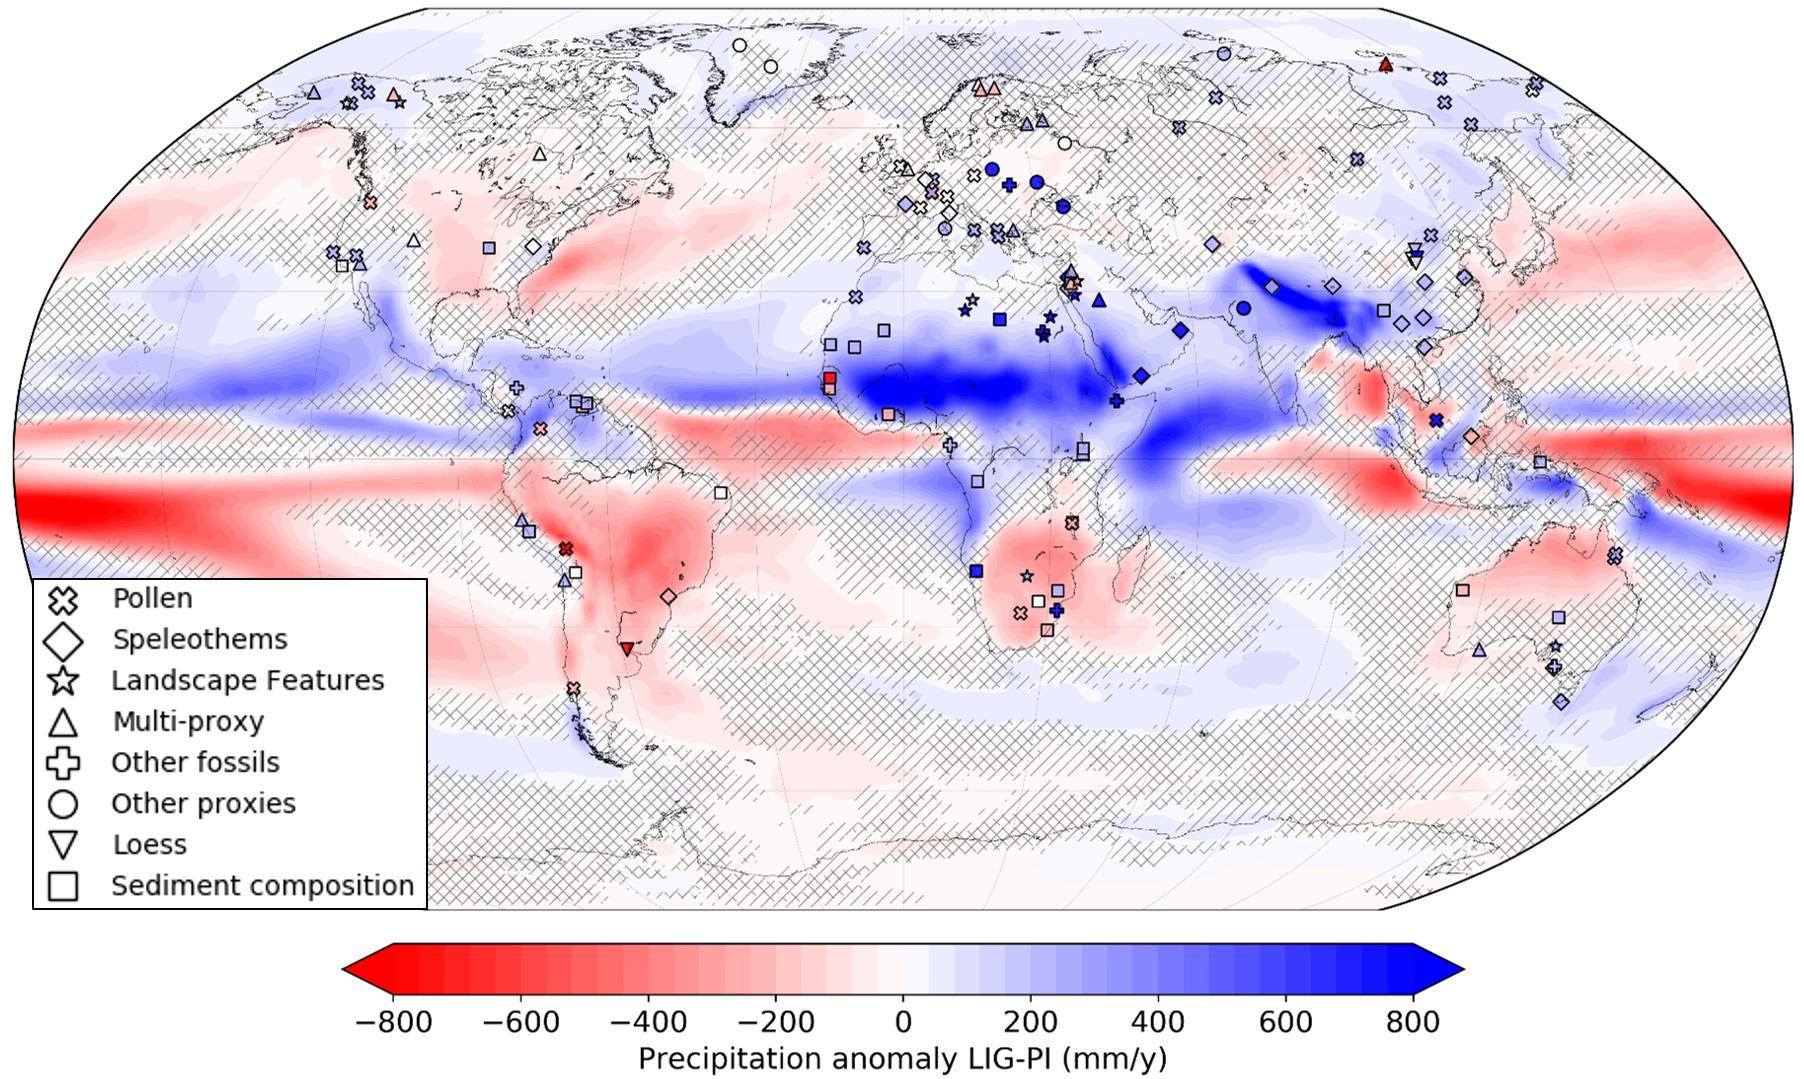 Premiers résultats du projet international PMIP pour la période du dernier interglaciaire: modèles et données en accord pour montrer une intensification des moussons de l'hémisphère nord.